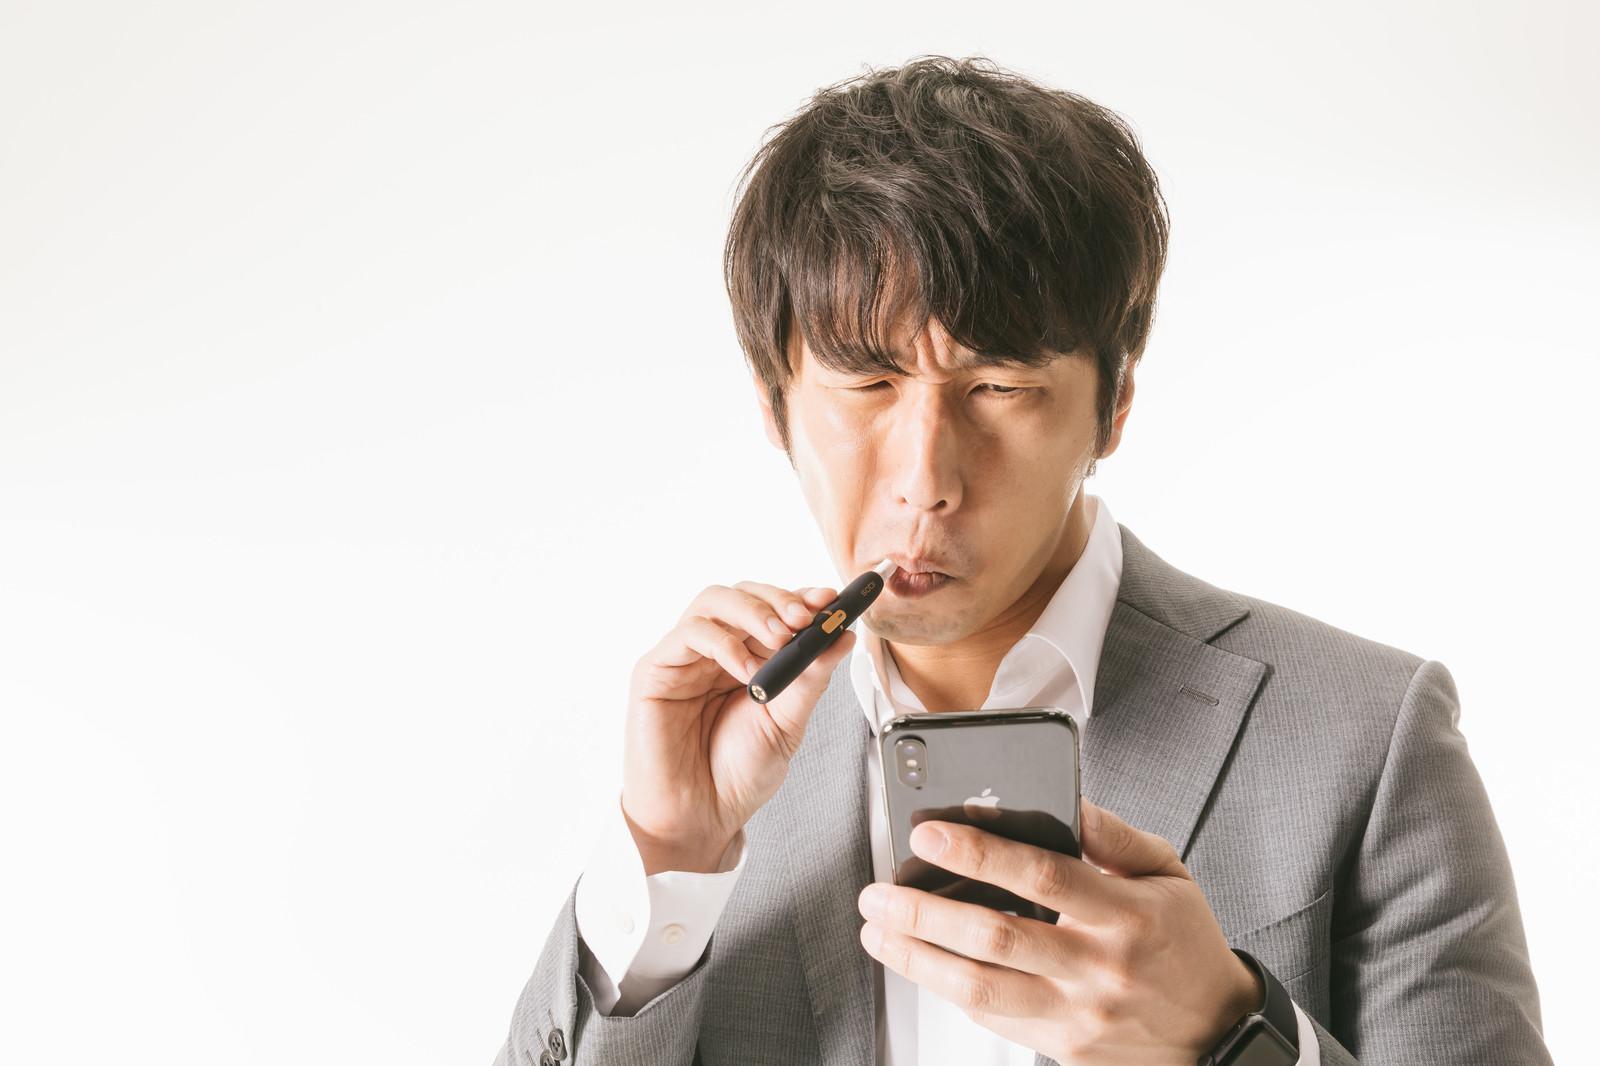 """バイナリーオプションでダマされた!【SNSに潜む""""高収入""""の罠】 男性高収入求人ドカント"""